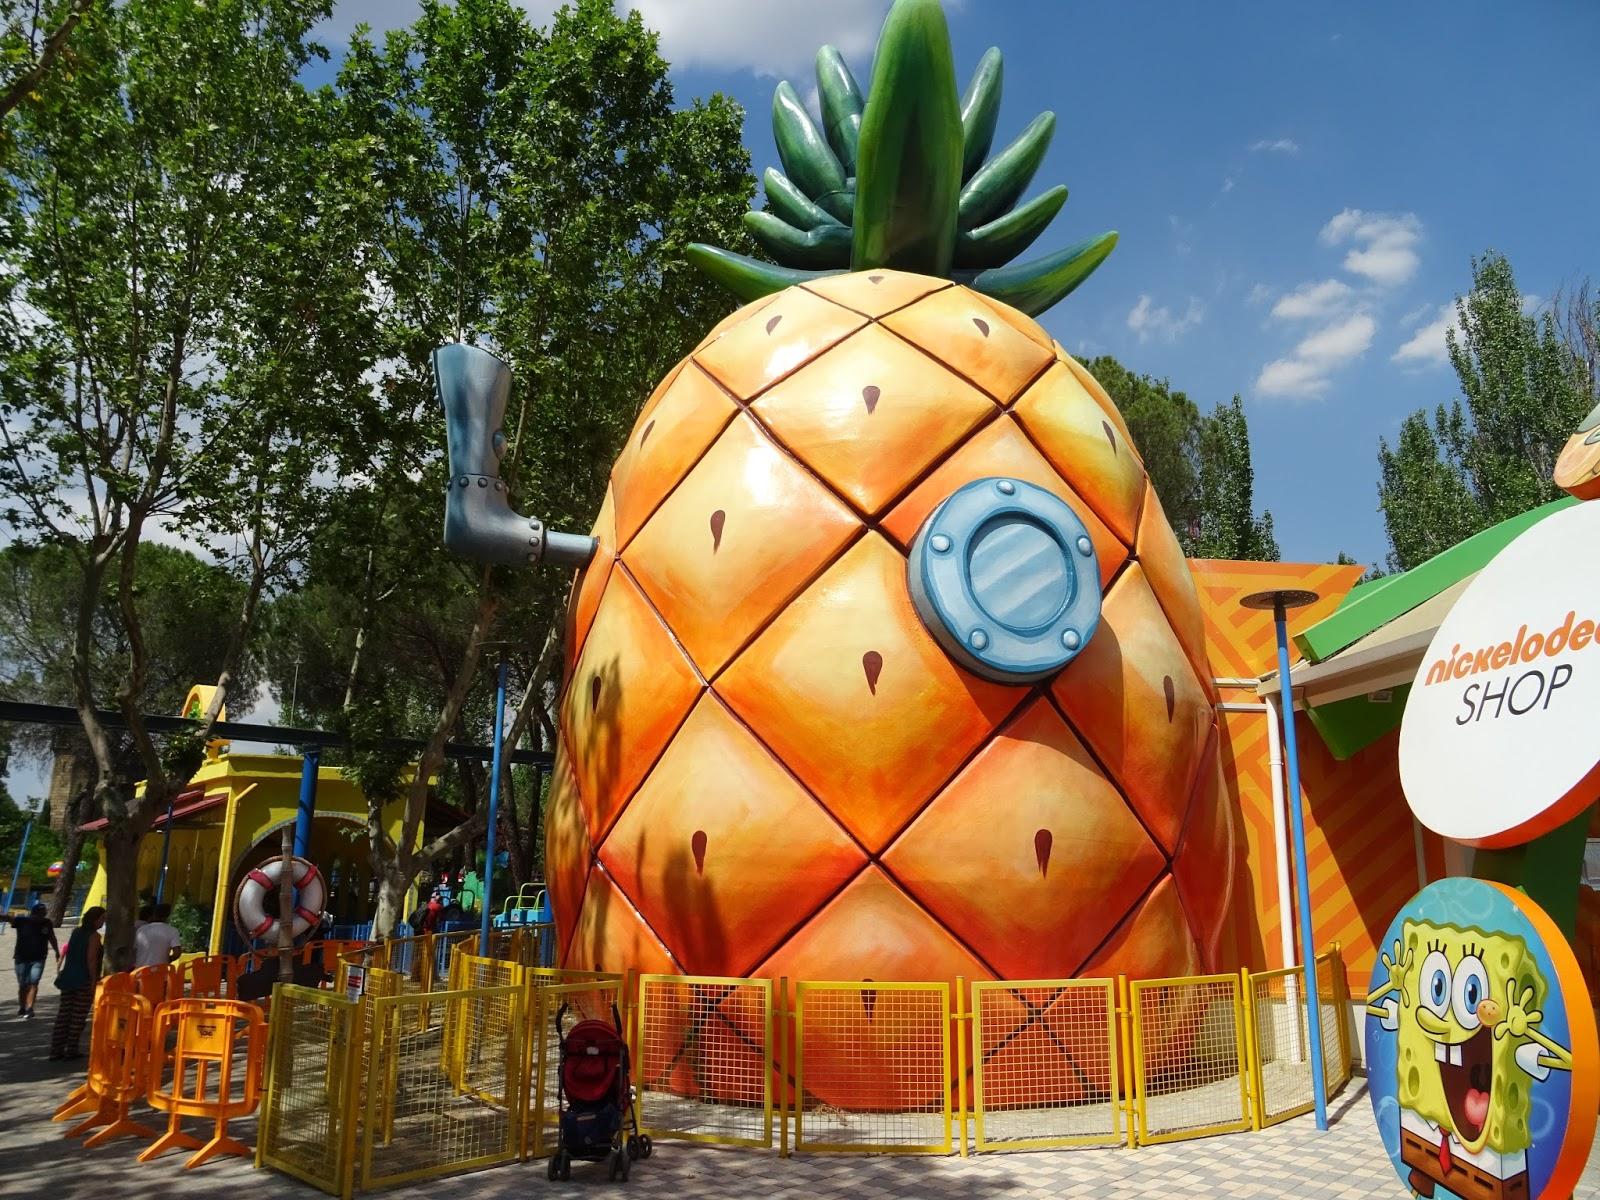 Universo viajero parque de atracciones madrid - La casa del parque ...